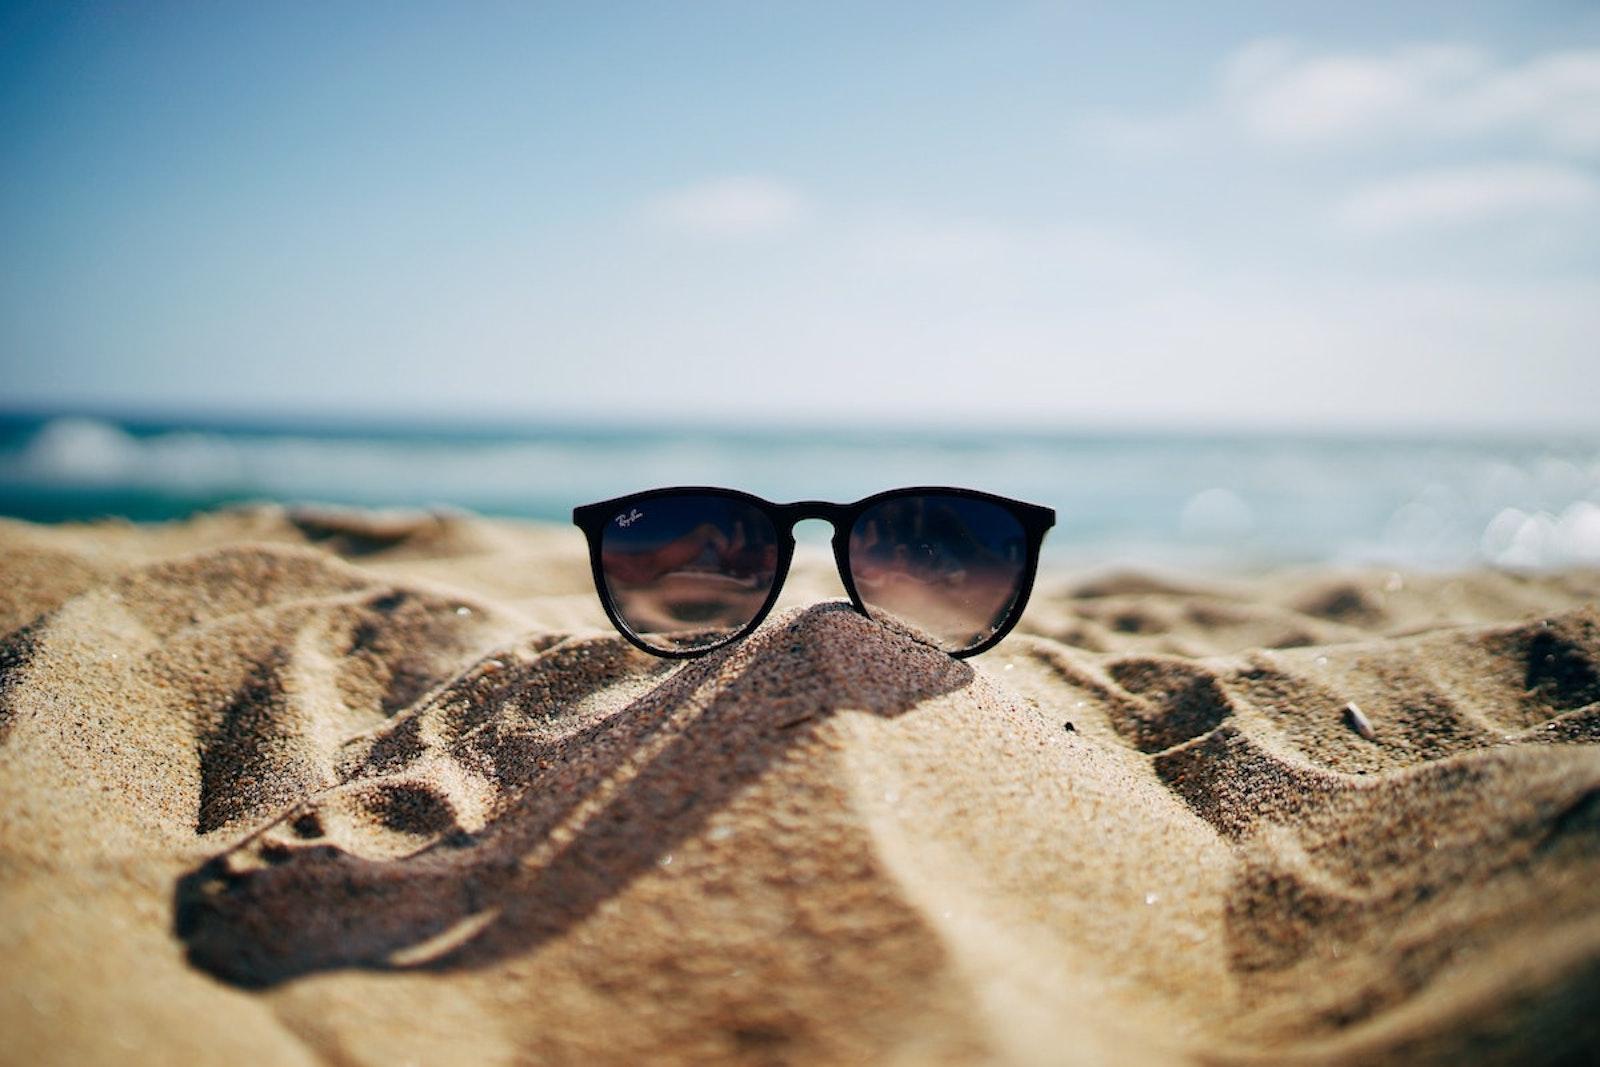 Sonnenbrille im Strandsand